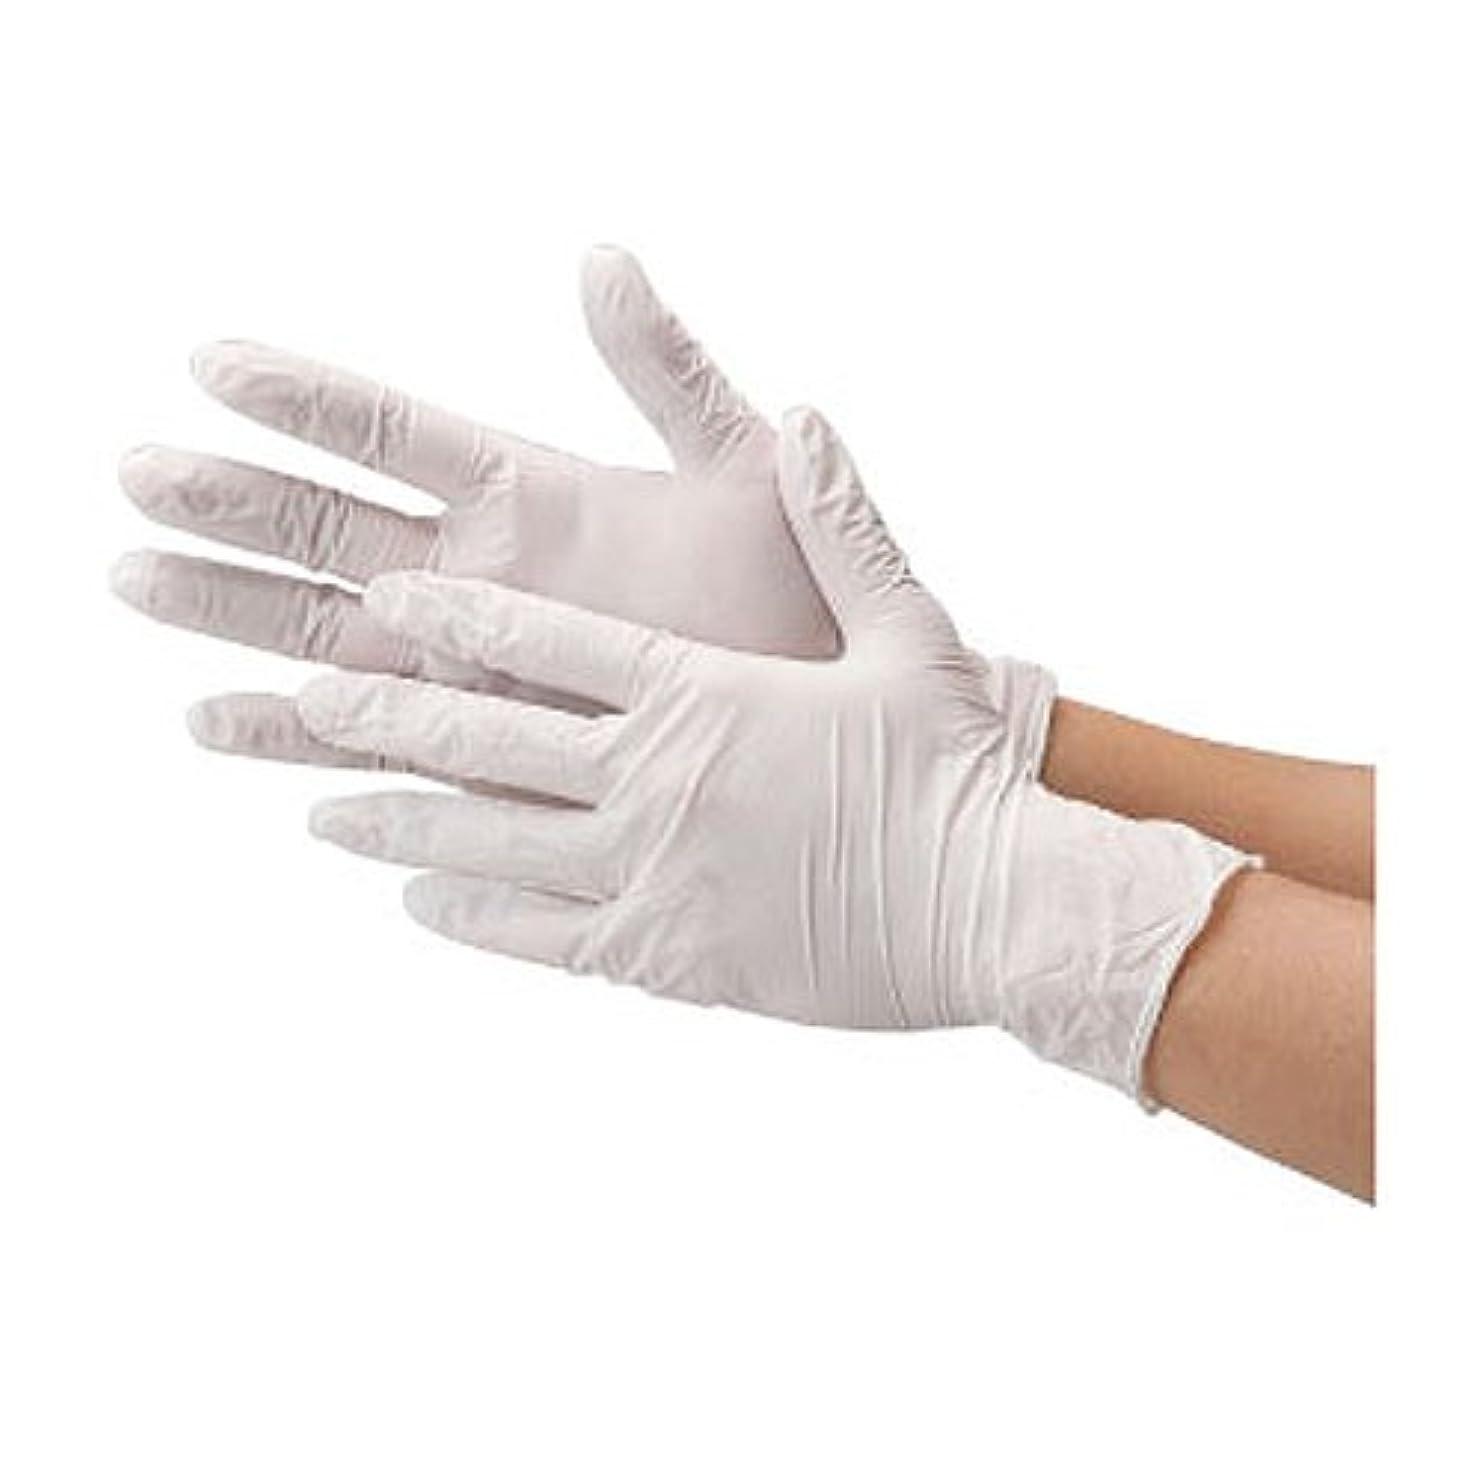 夫婦クロールトレッド川西工業 ニトリル 使いきり手袋 ストロング 粉無 100枚入り 2037 ホワイトL